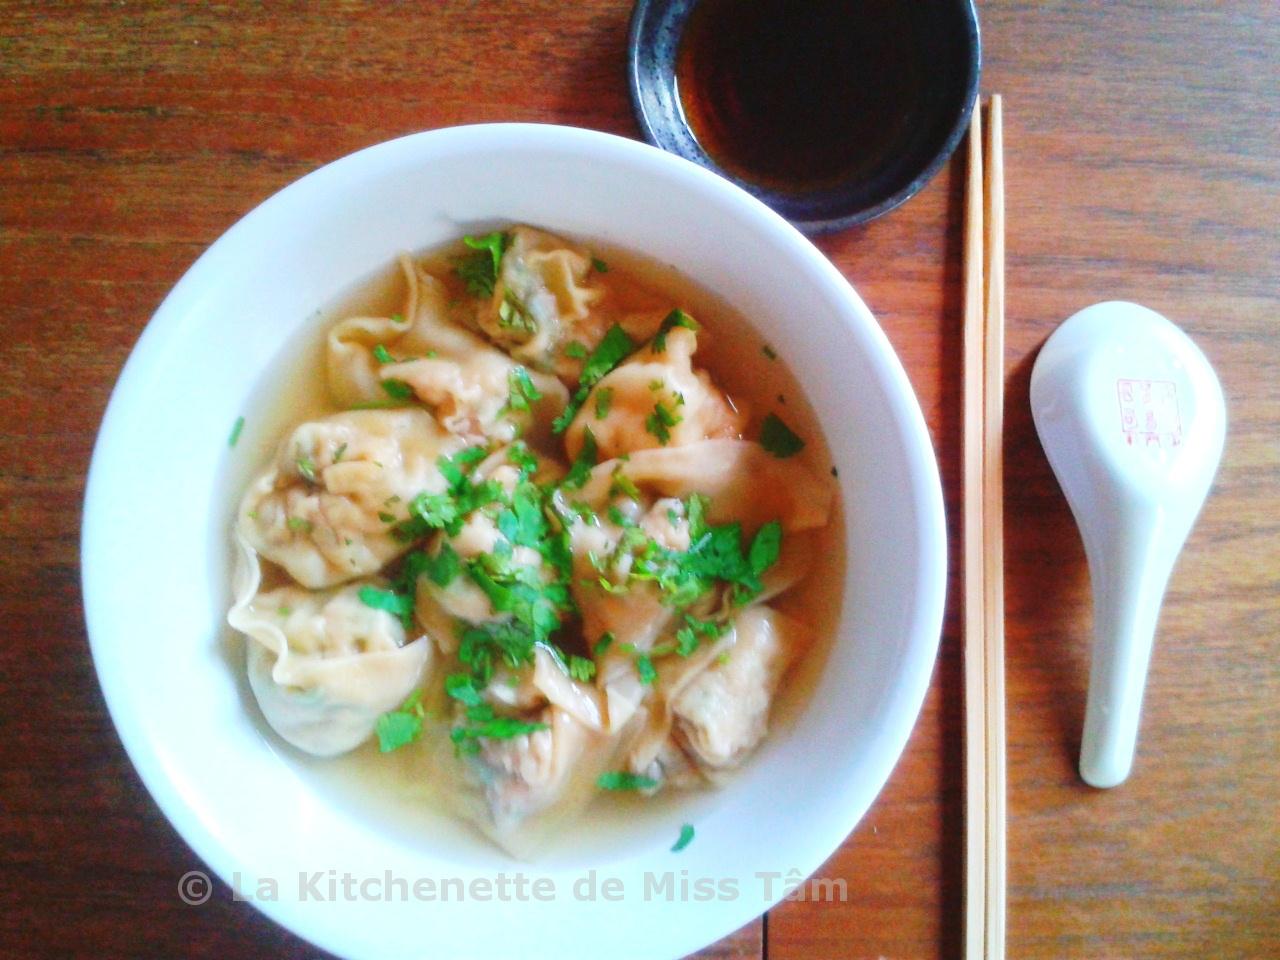 soupe aux raviolis aux porc et crevettes style won ton la kitchenette de miss t 226 mla